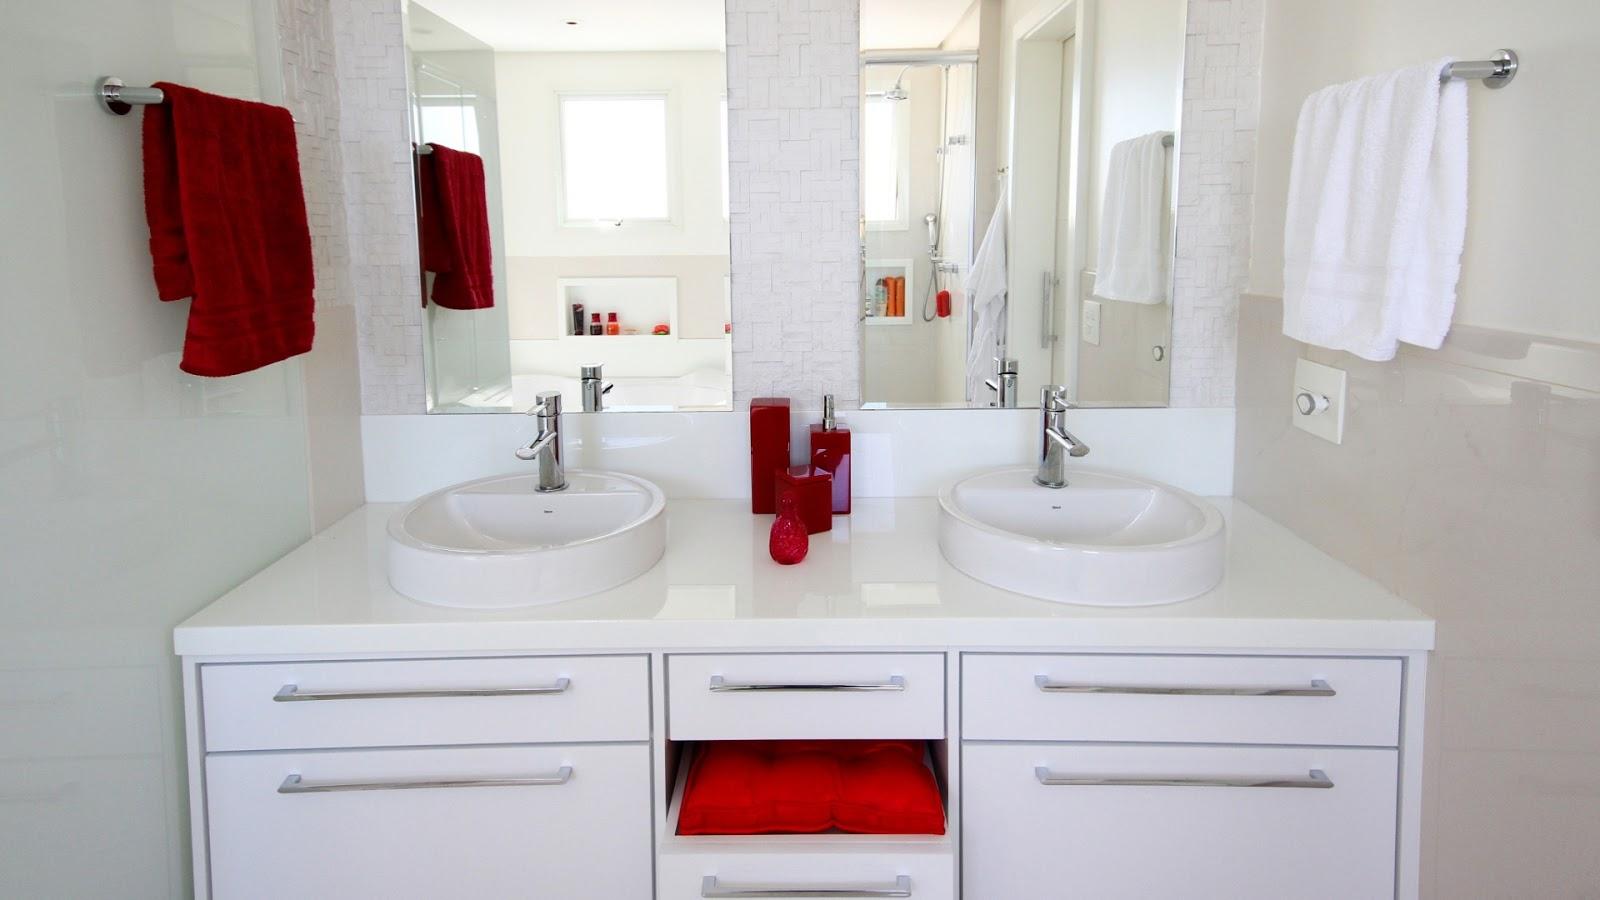 DE MULHER: Suíte não é questão de luxo mas sim uma necessidade #B30603 1600x900 Banheiro Container Luxo